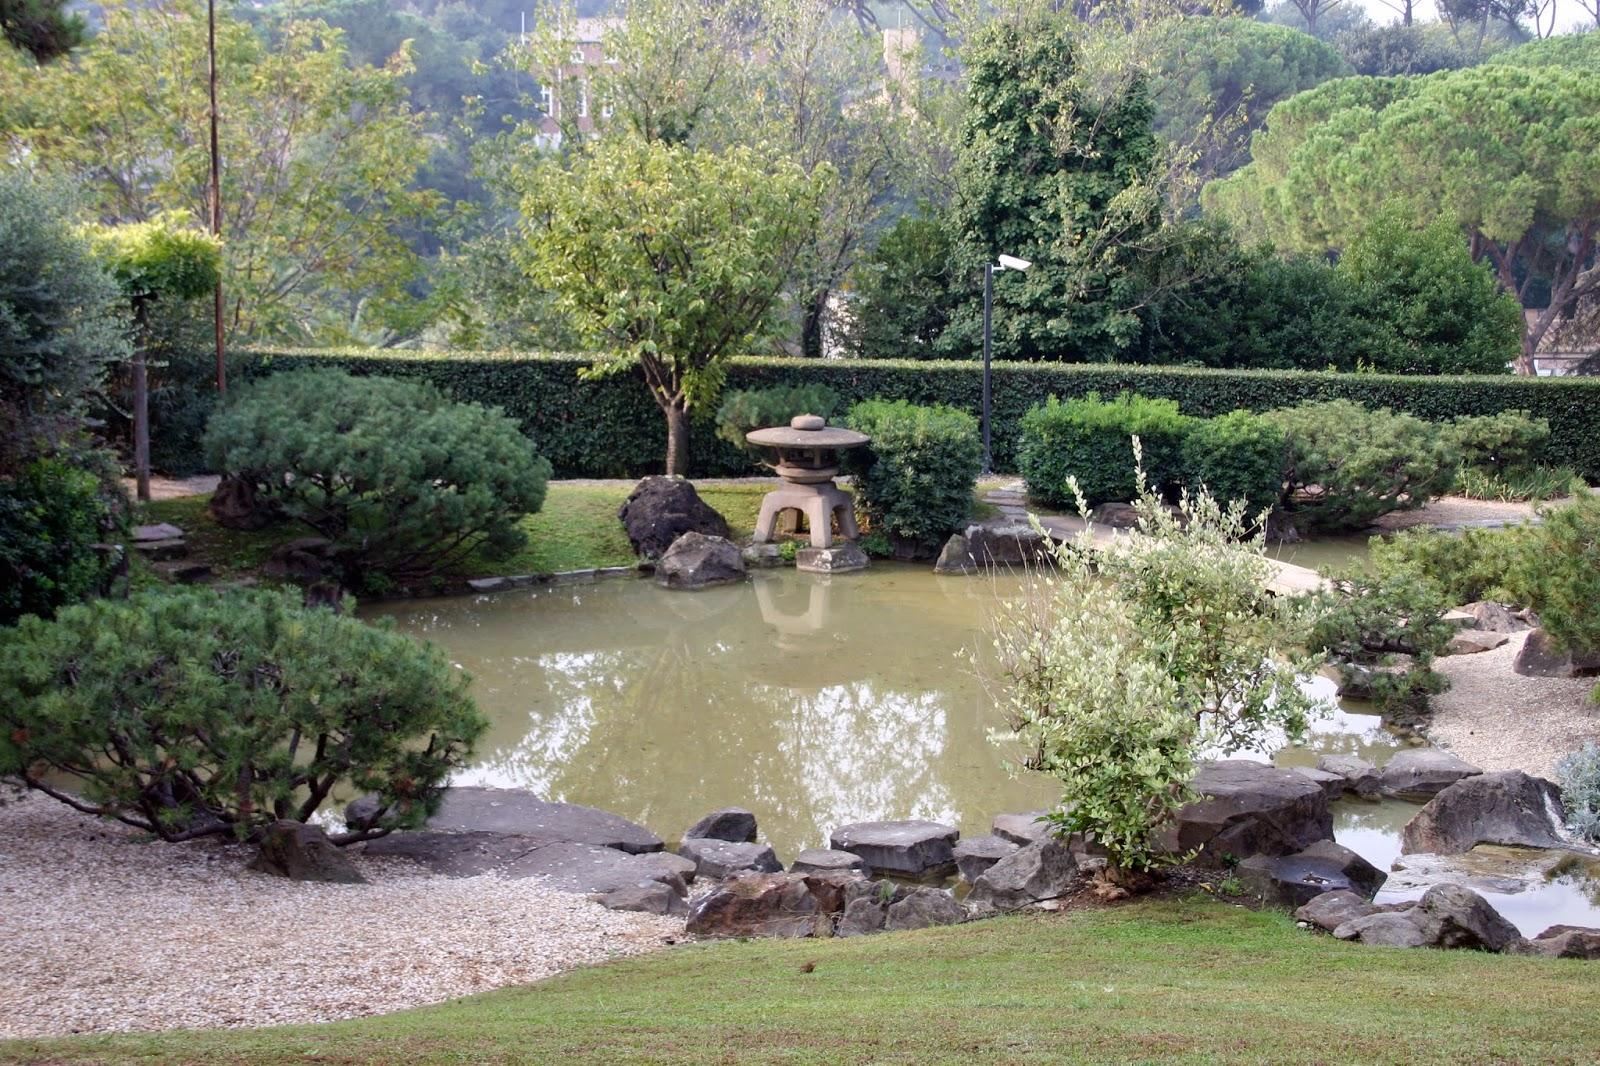 Date apertura giardino istituto giapponese di cultura a for Giardino giapponesi